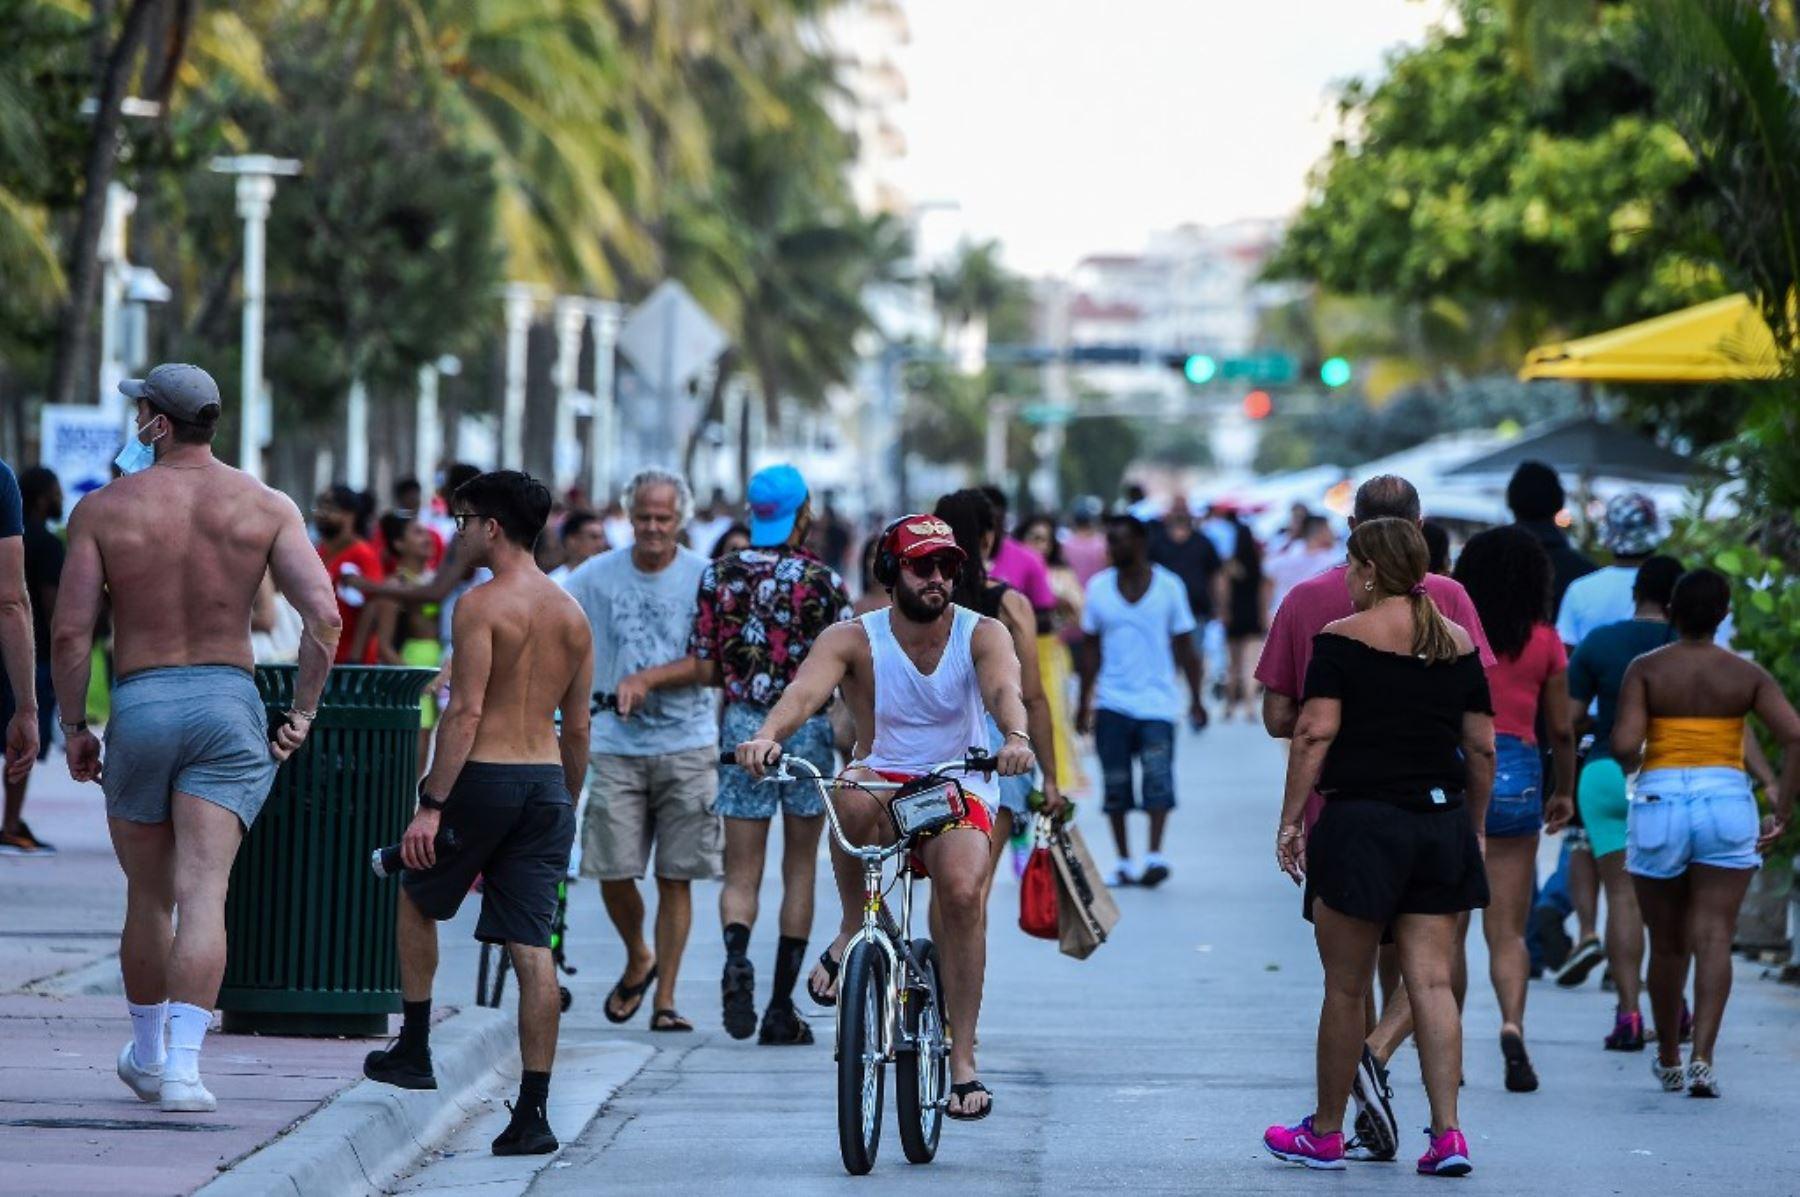 Un hombre monta una bicicleta mientras la gente camina en Ocean Drive en Miami Beach, Florida. Foto: AFP